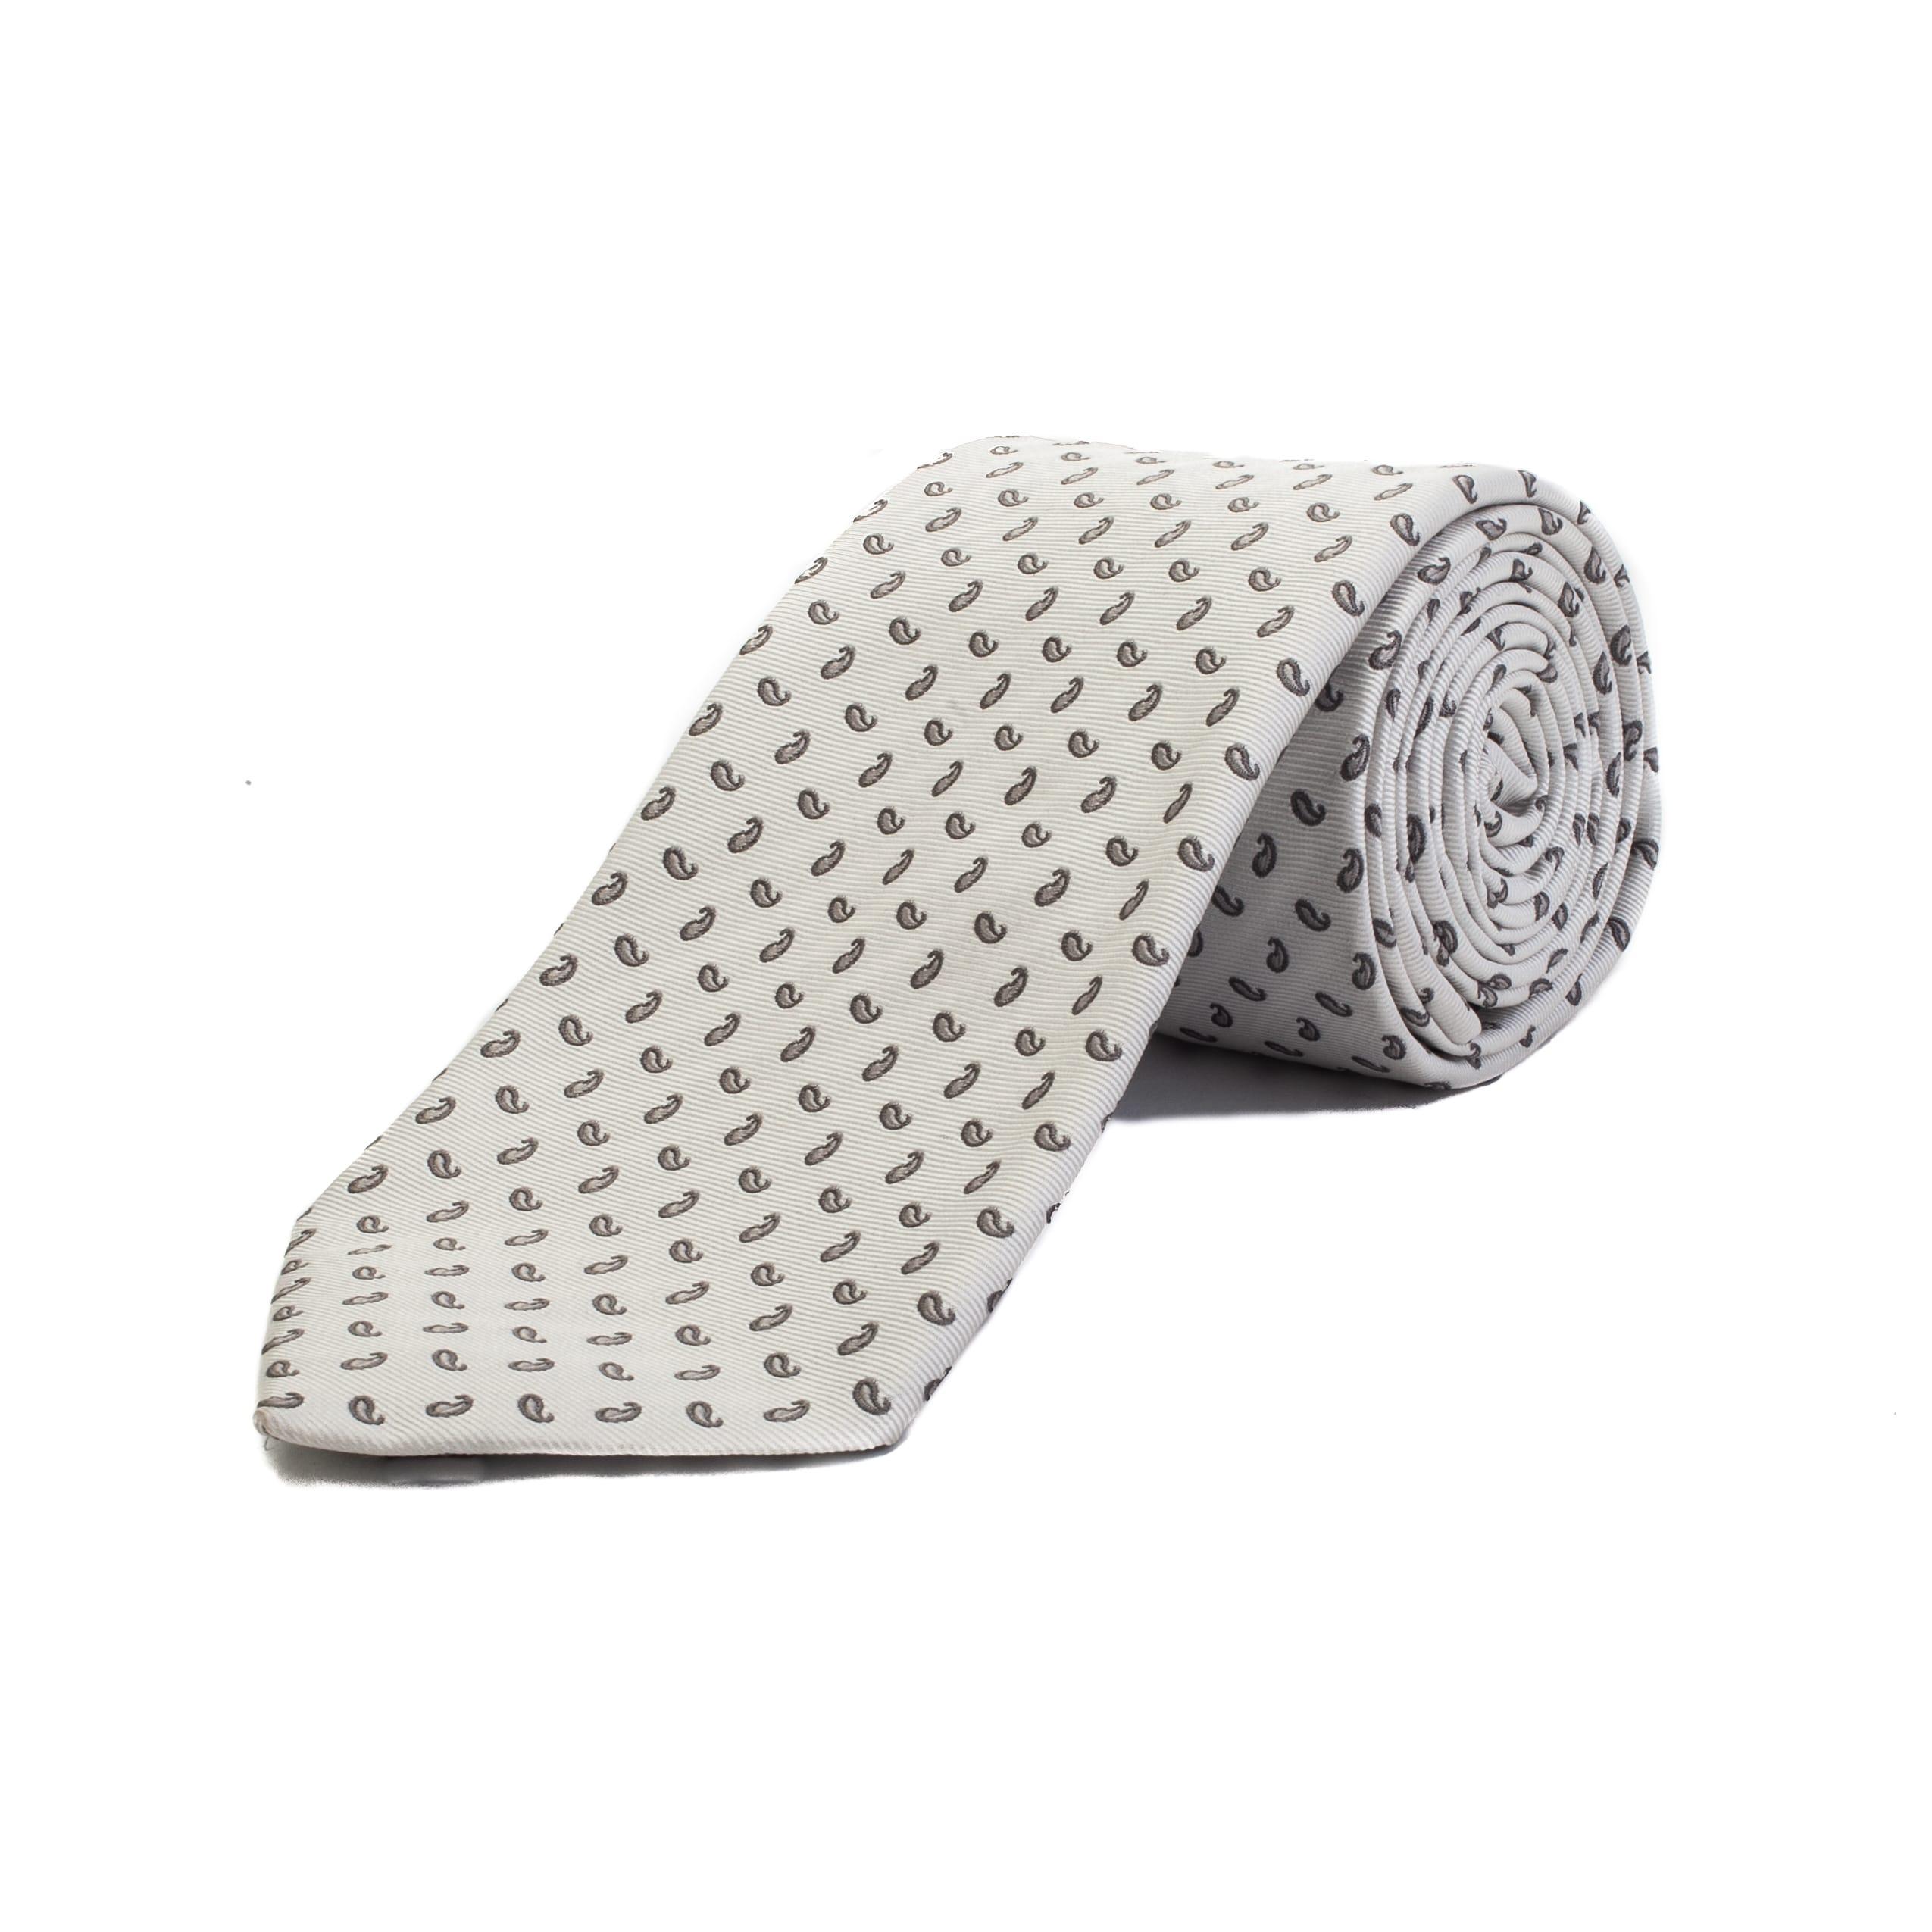 78a1fed670 Ermenegildo Zegna Men's Silk Paisley Pattern Tie White - No Size